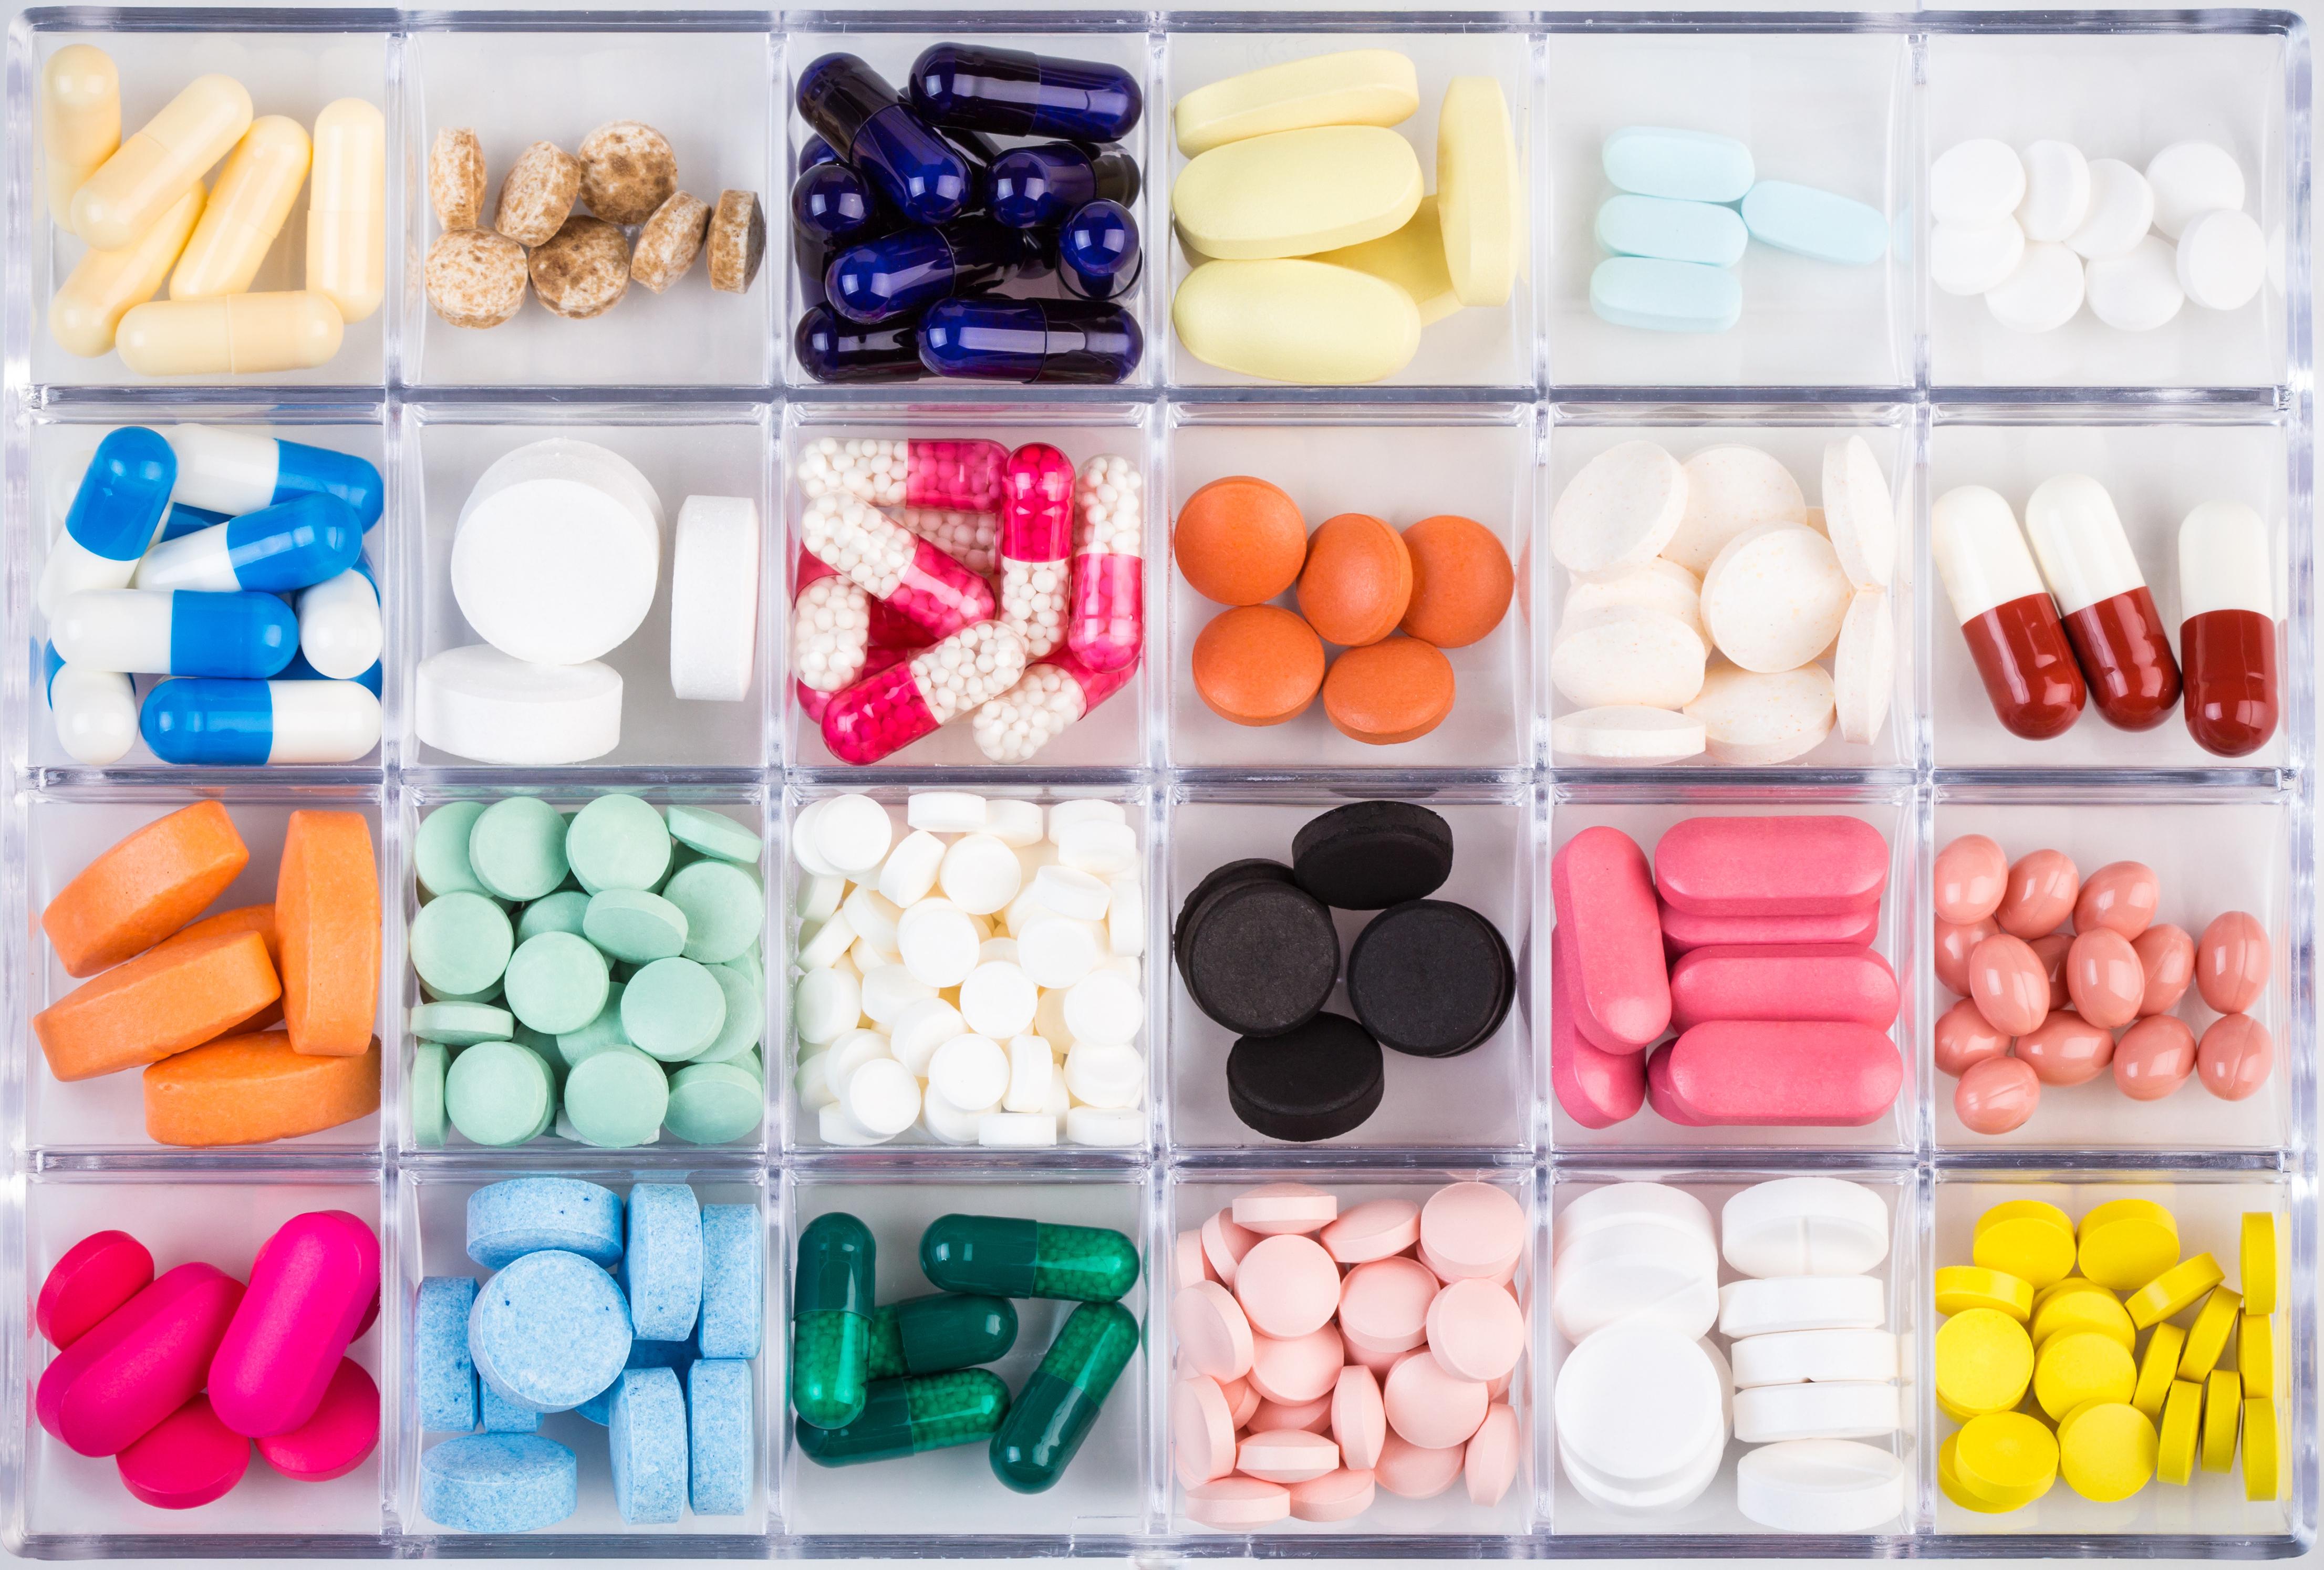 תרופות מרשם ותרופות ללא מרשם - בית מרקחת